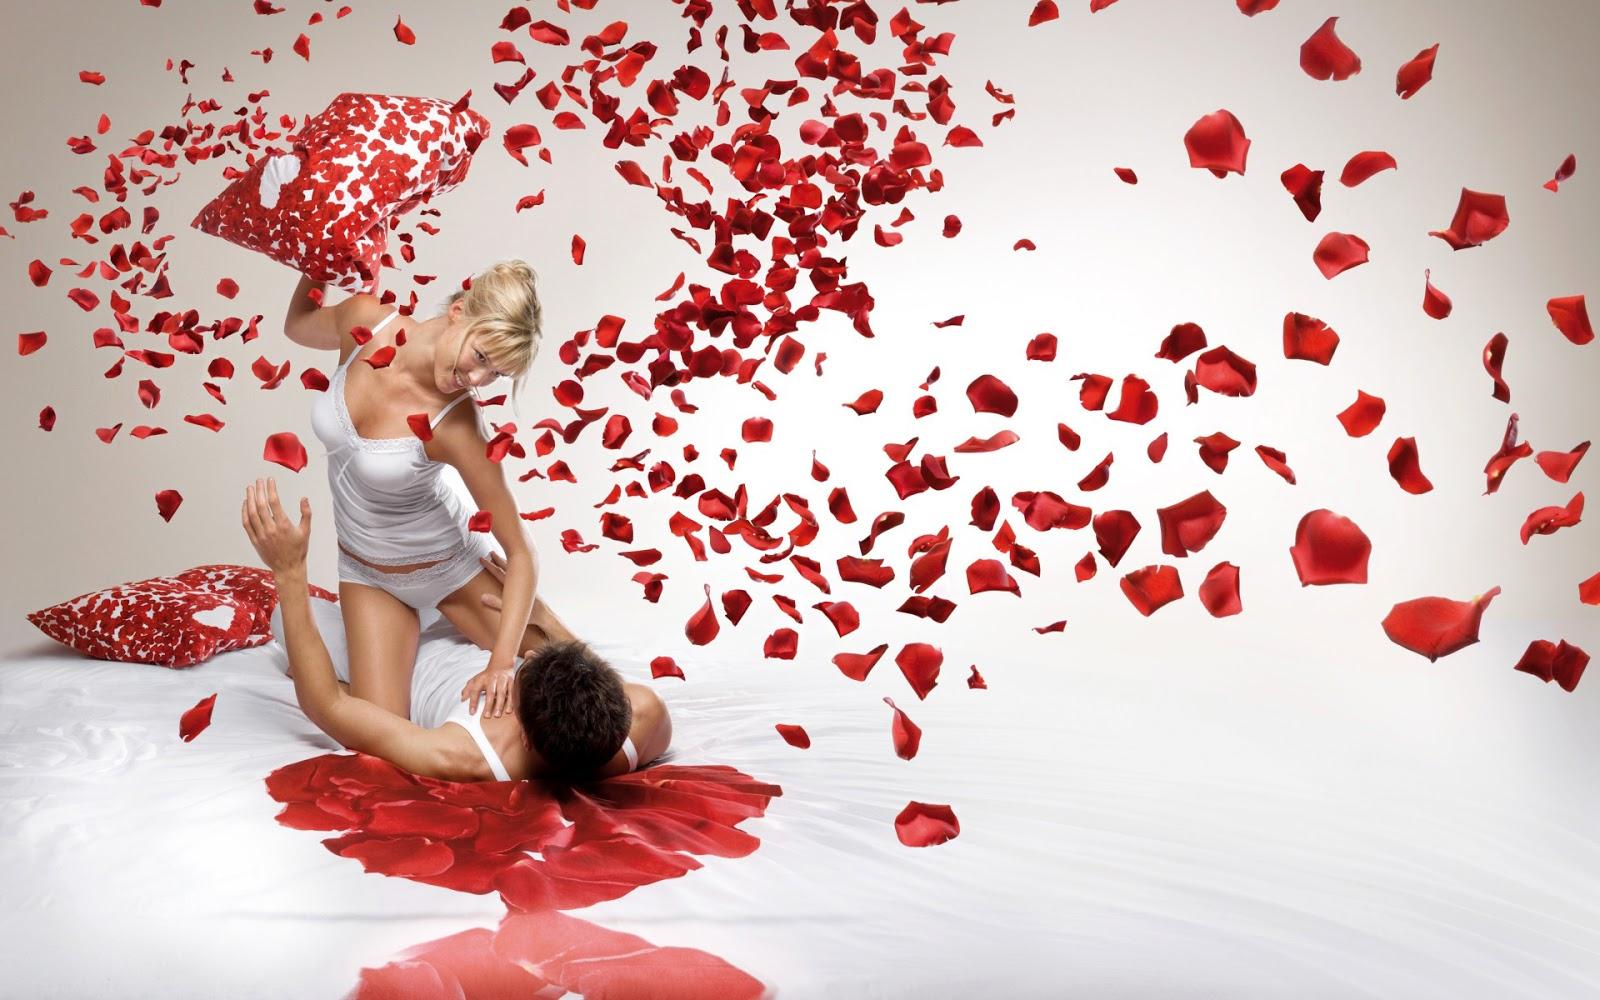 Rojo que te quiero rojo  Imagenes-de-amor-love-14-de-febrero-d%C3%ADa-de-san-valentin-d%C3%ADa-del-amor-y-amistad+%286%29